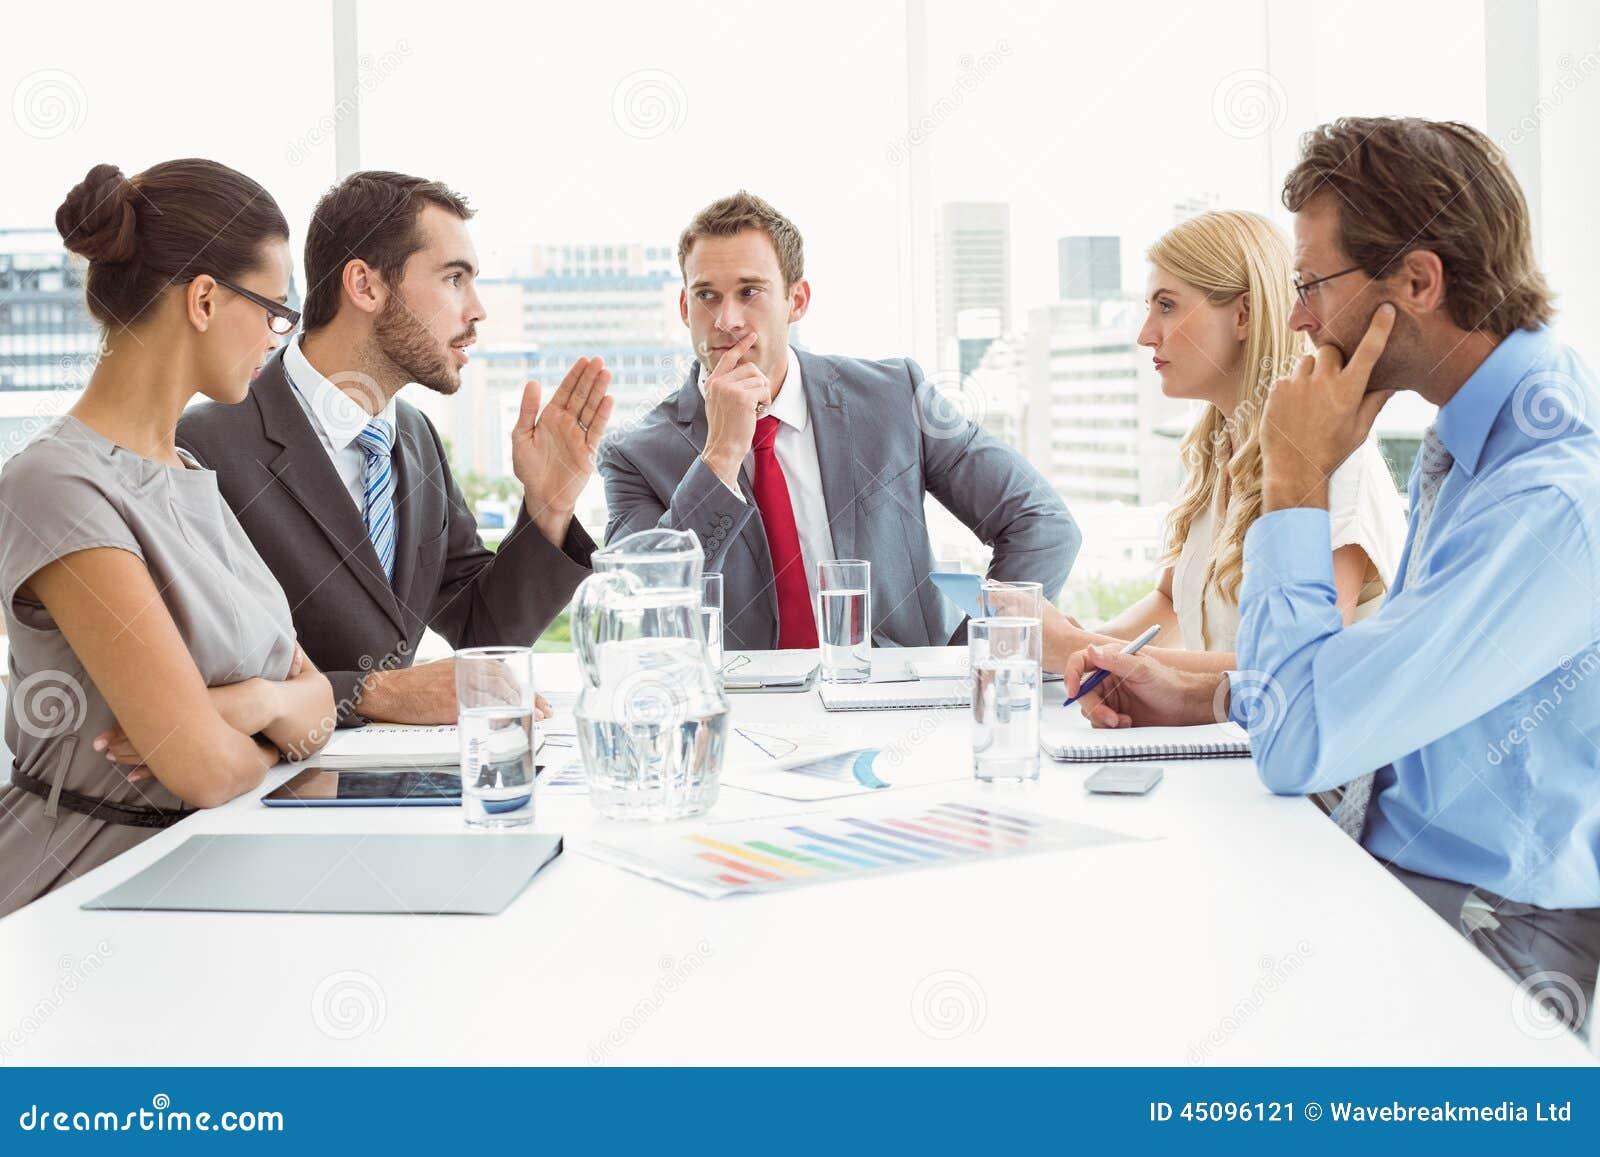 People Meeting Room